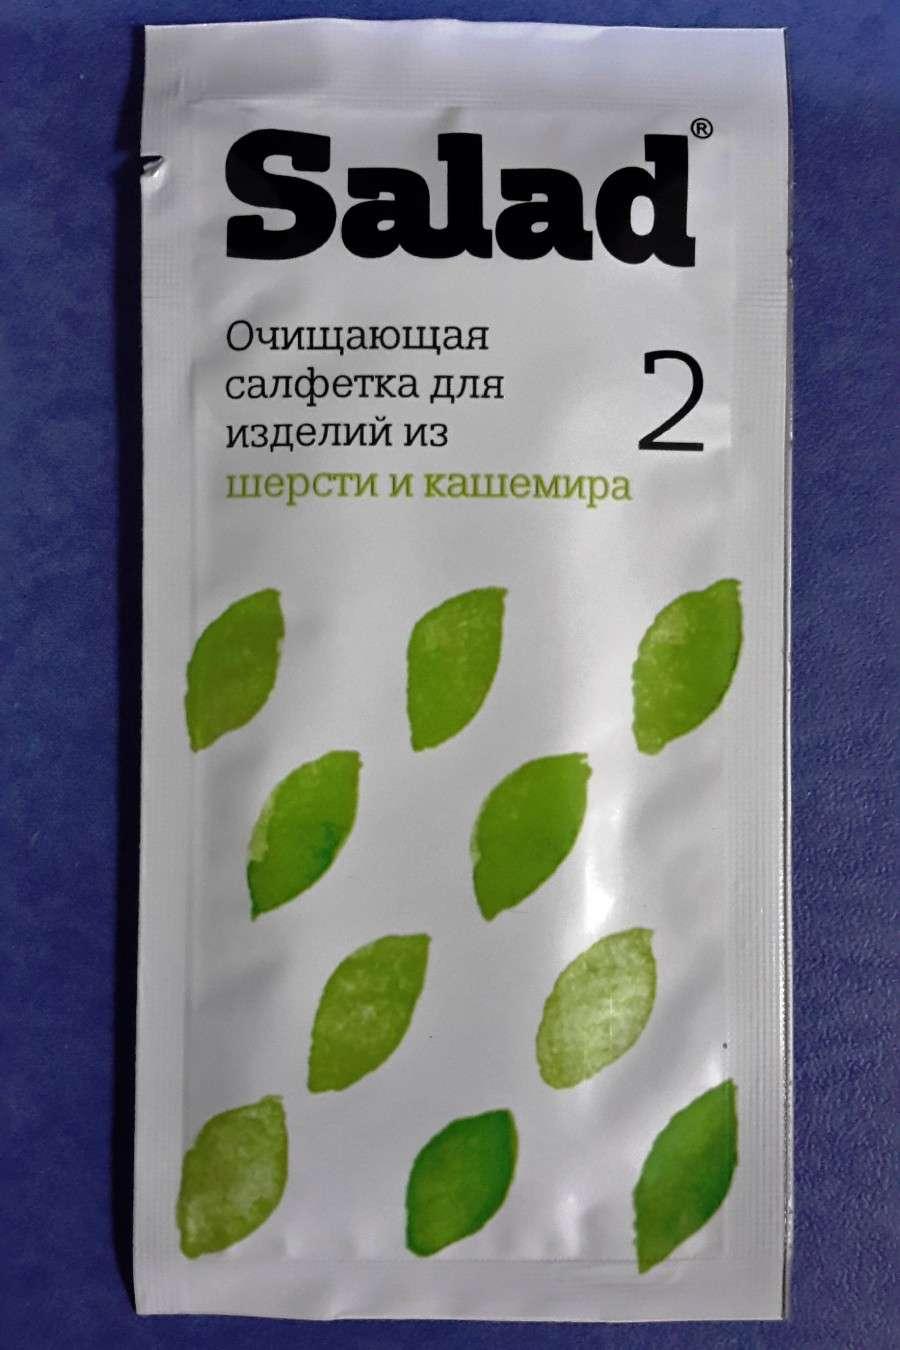 Очищающая салфетка для изделий из шерсти и кашемира